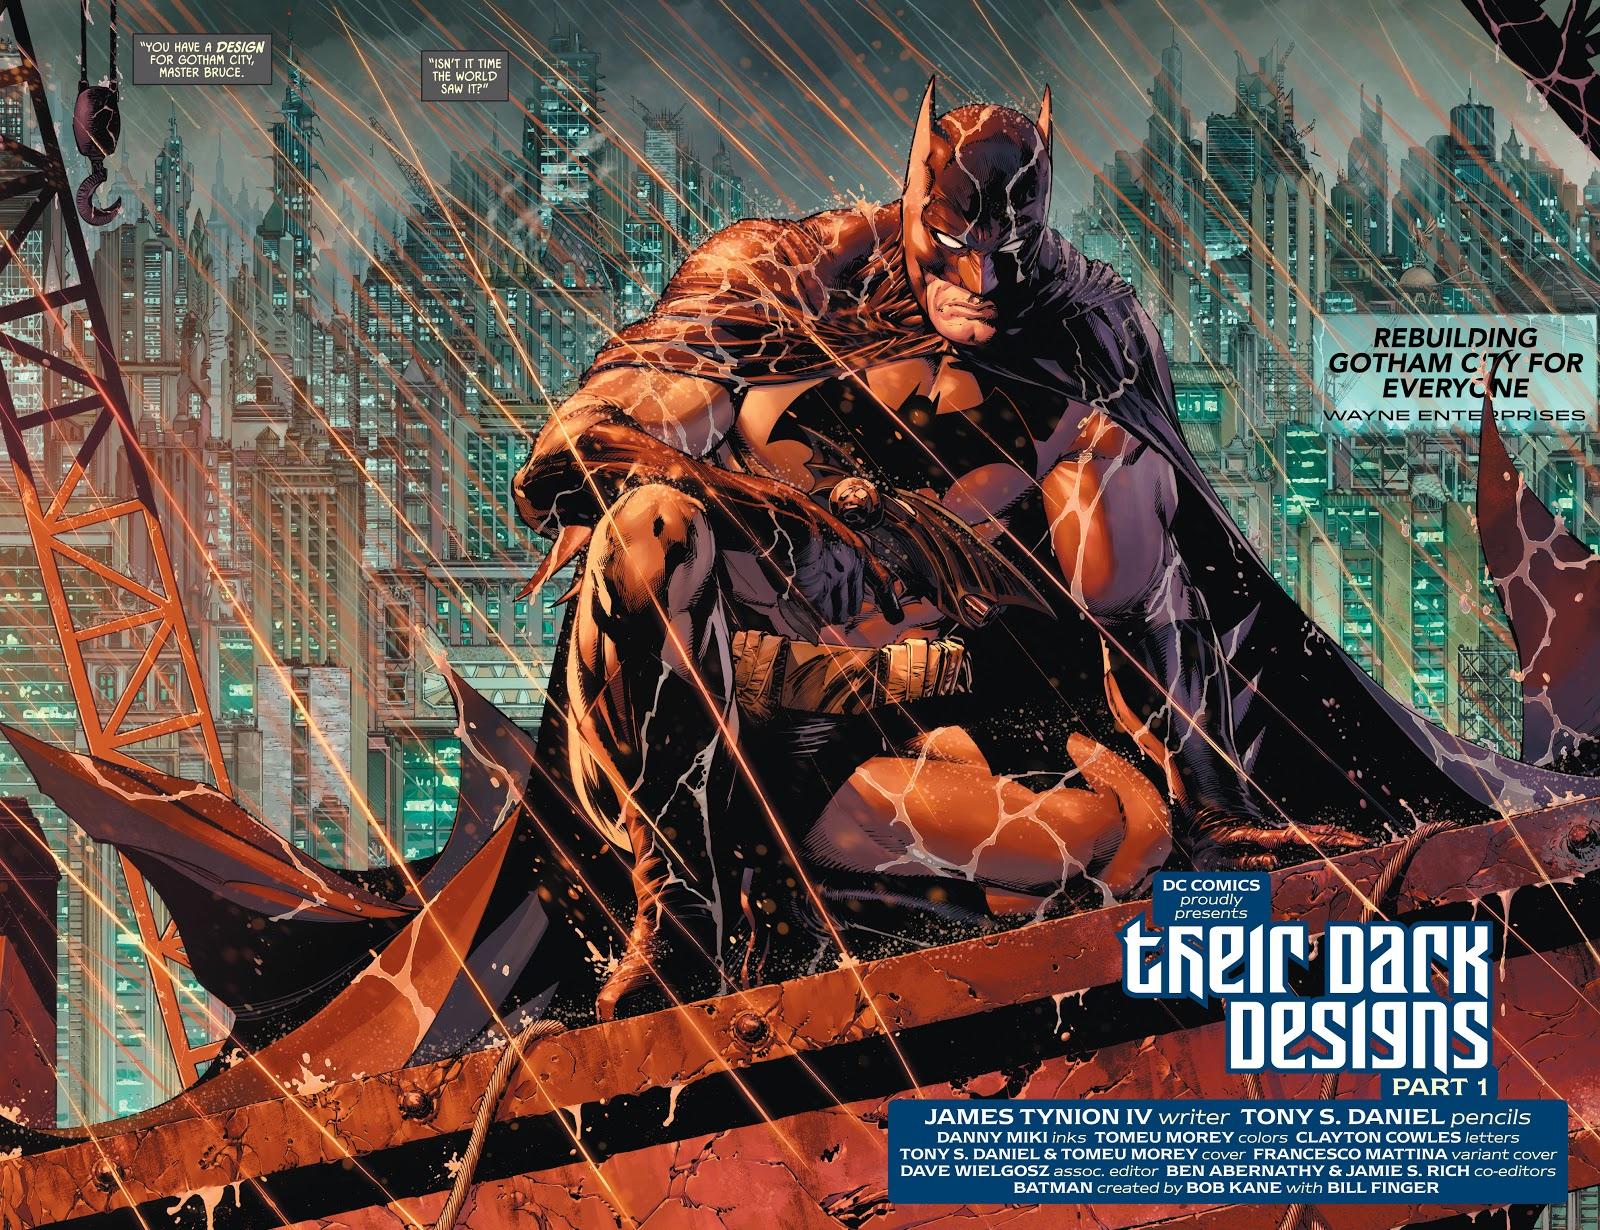 Batman Vol. 3 #86